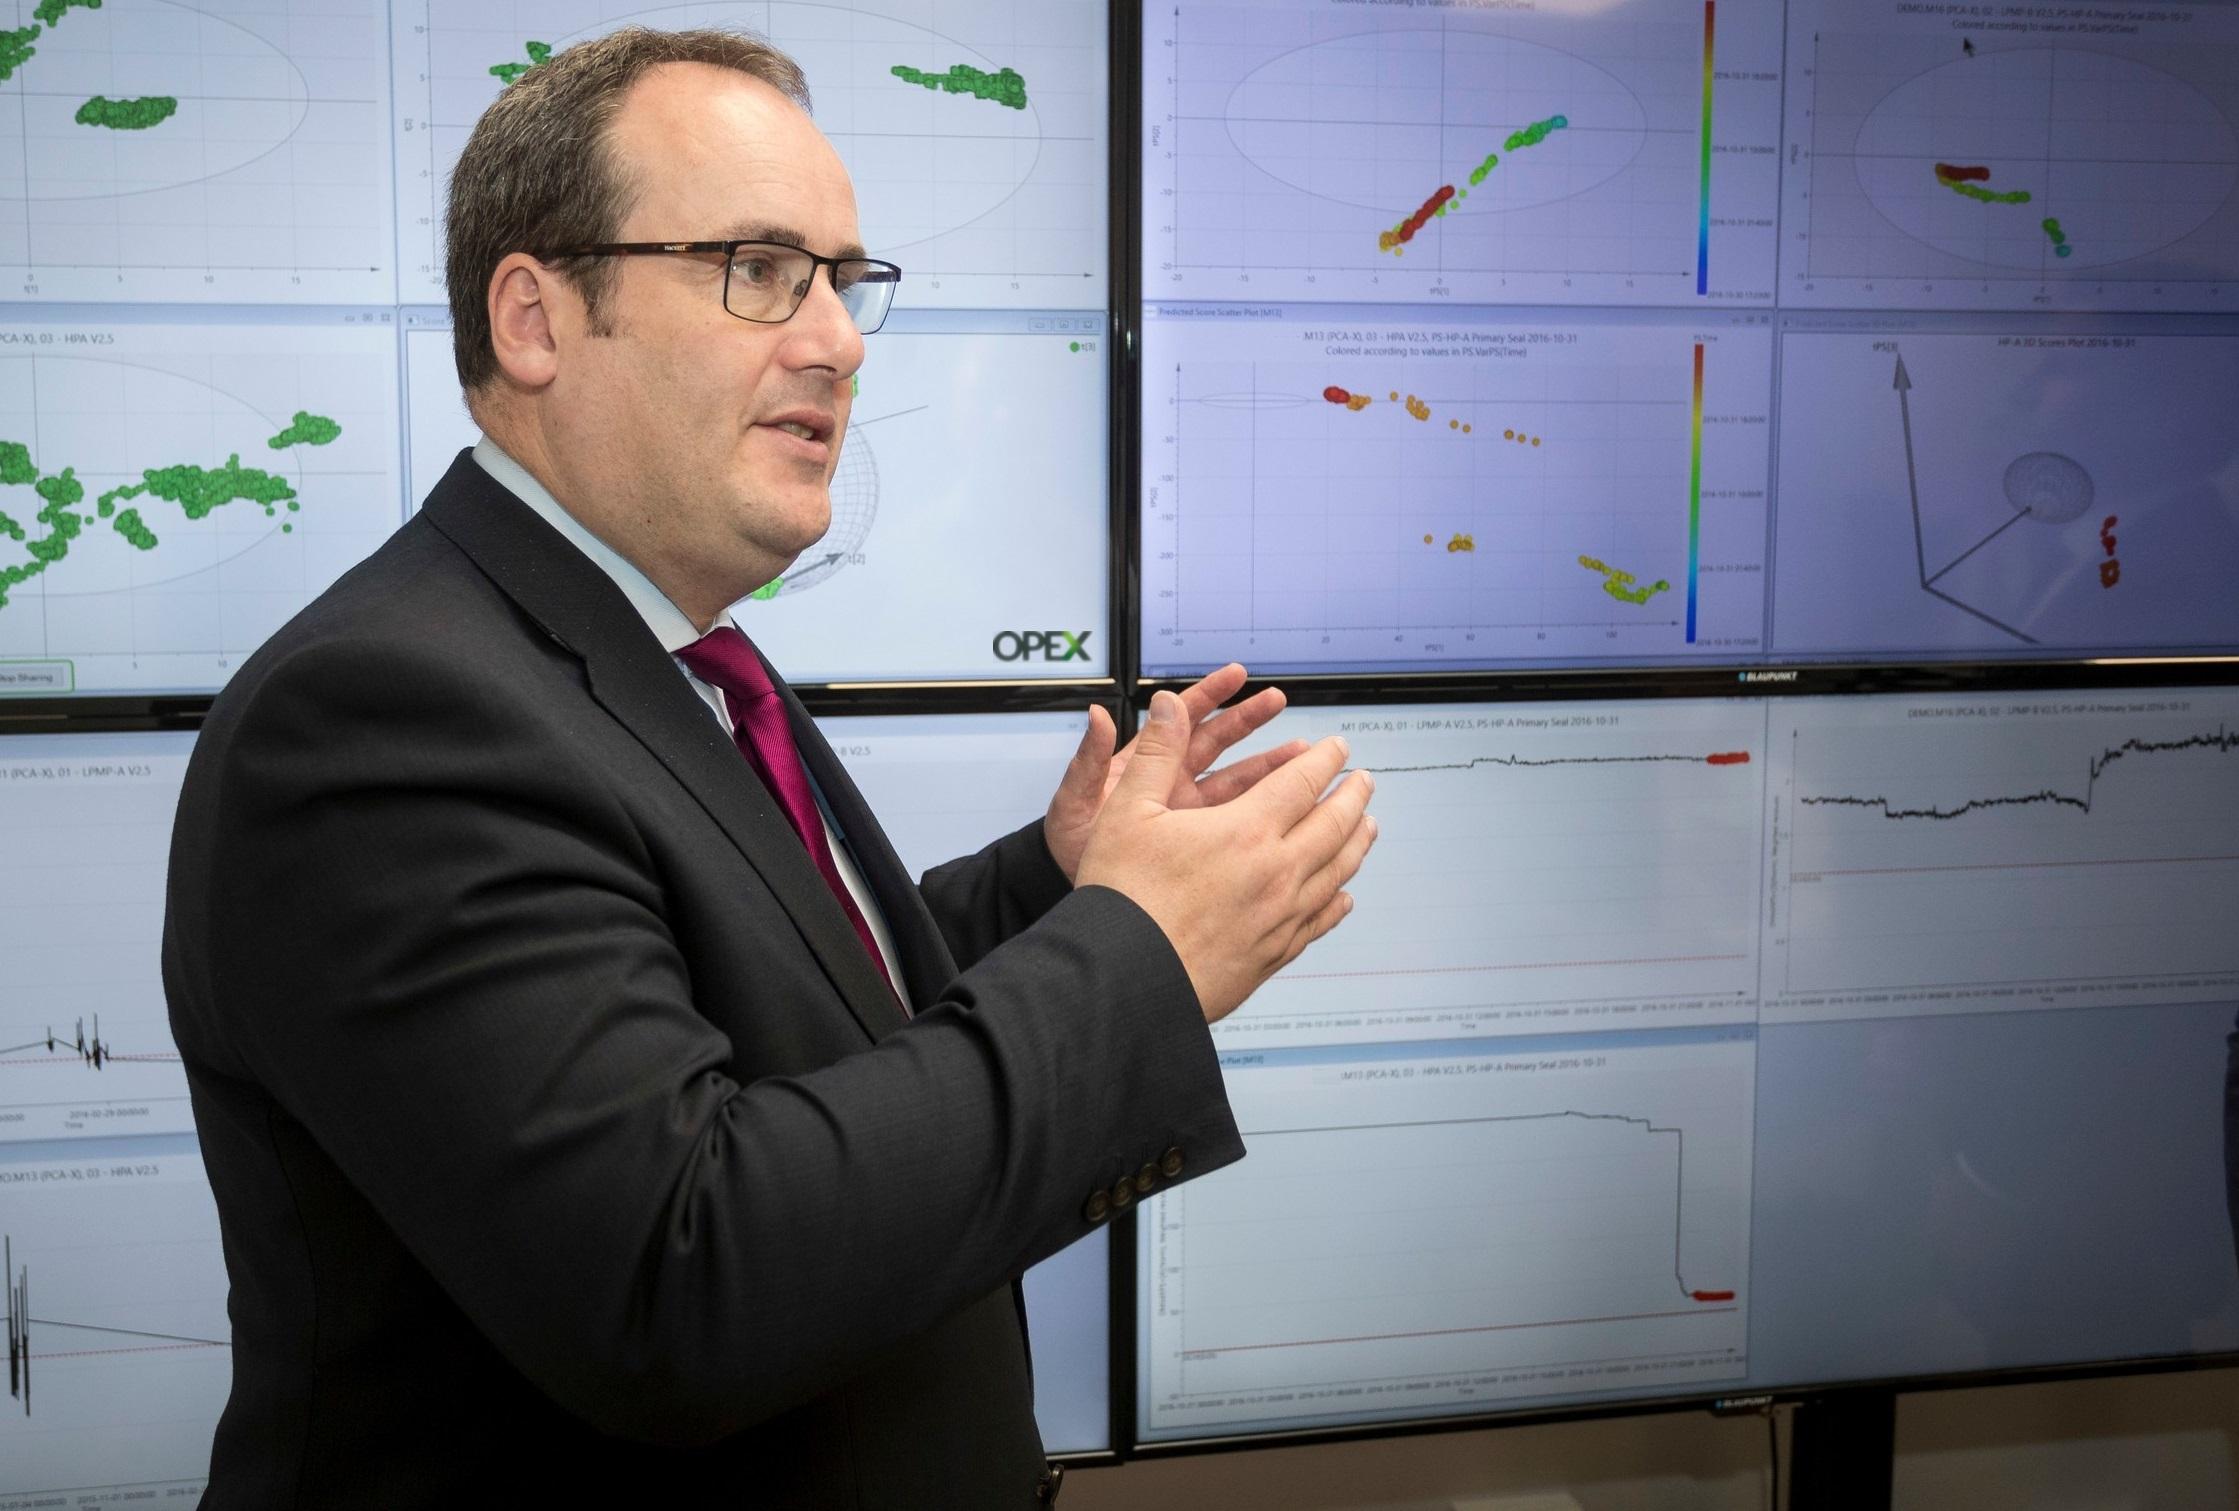 Focusing on oil & gas digital transformation